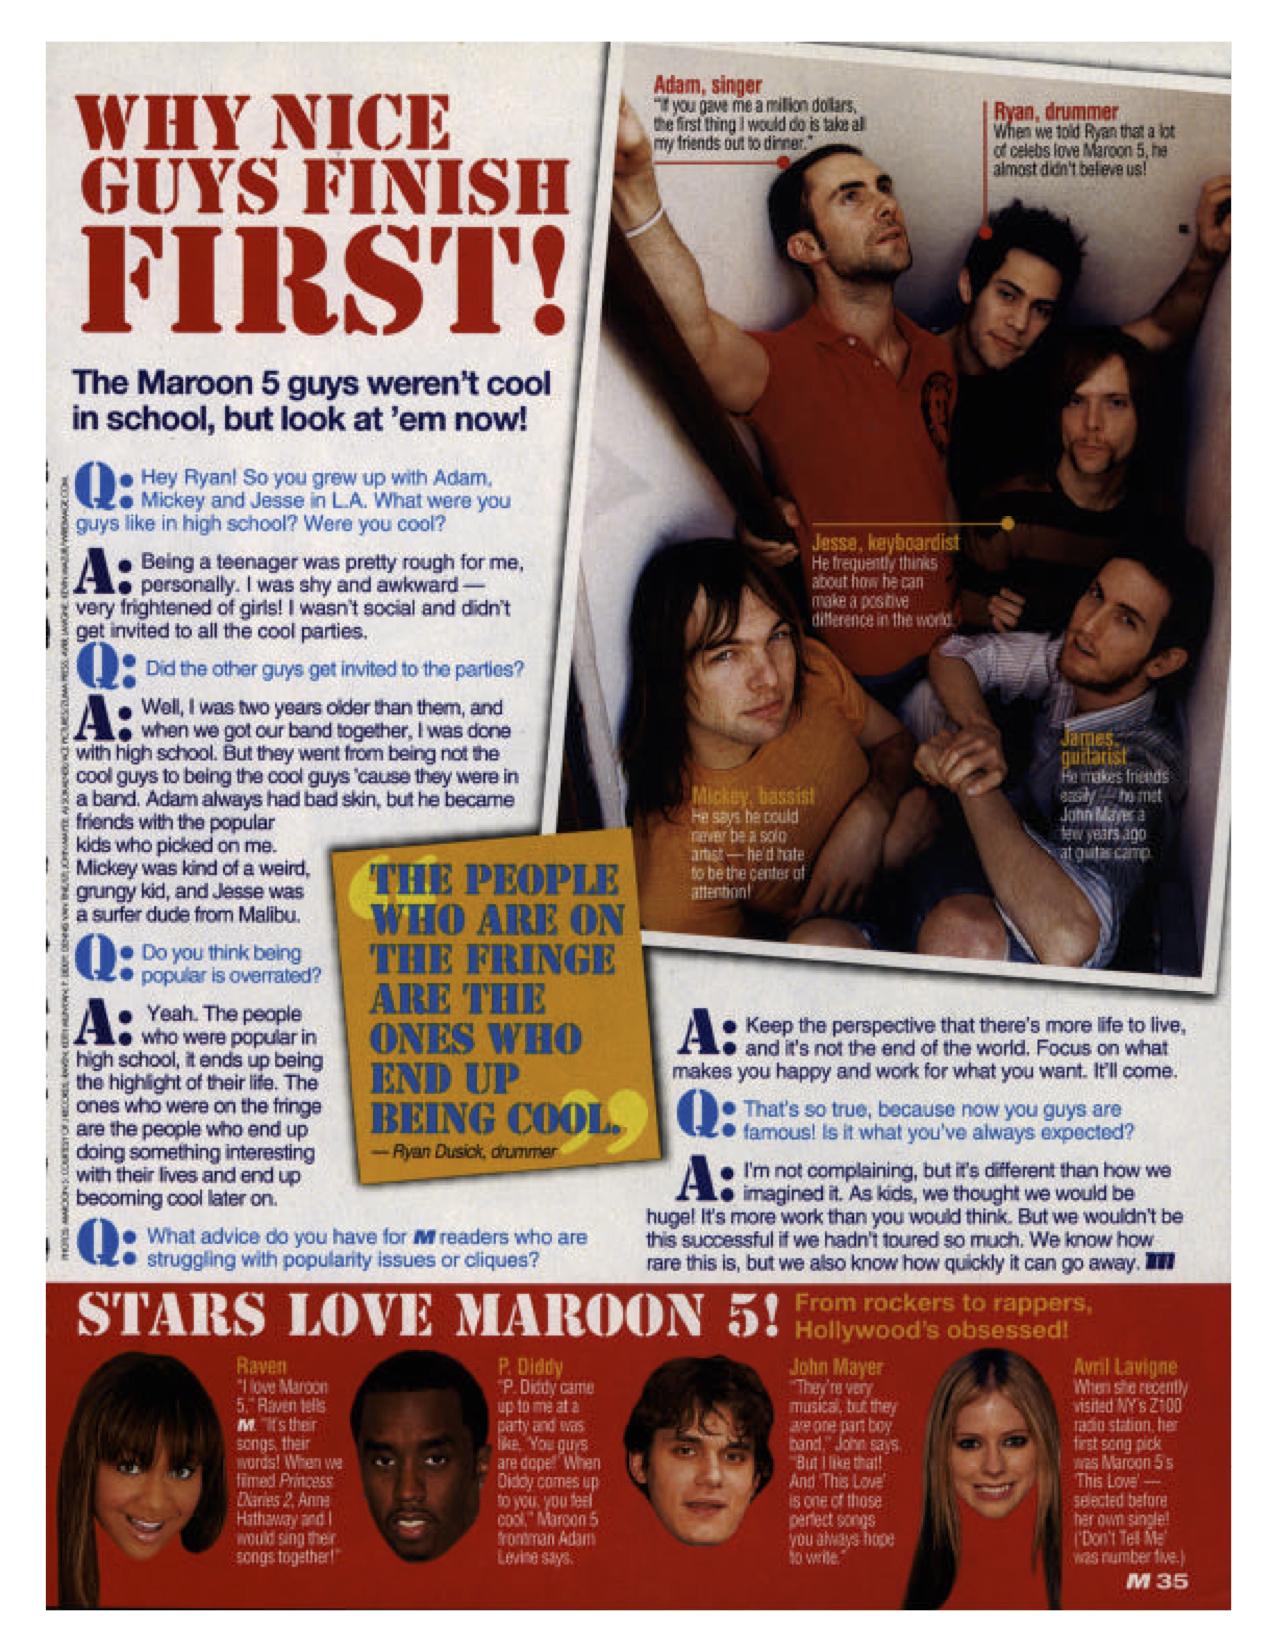 maroon 5 | 2005